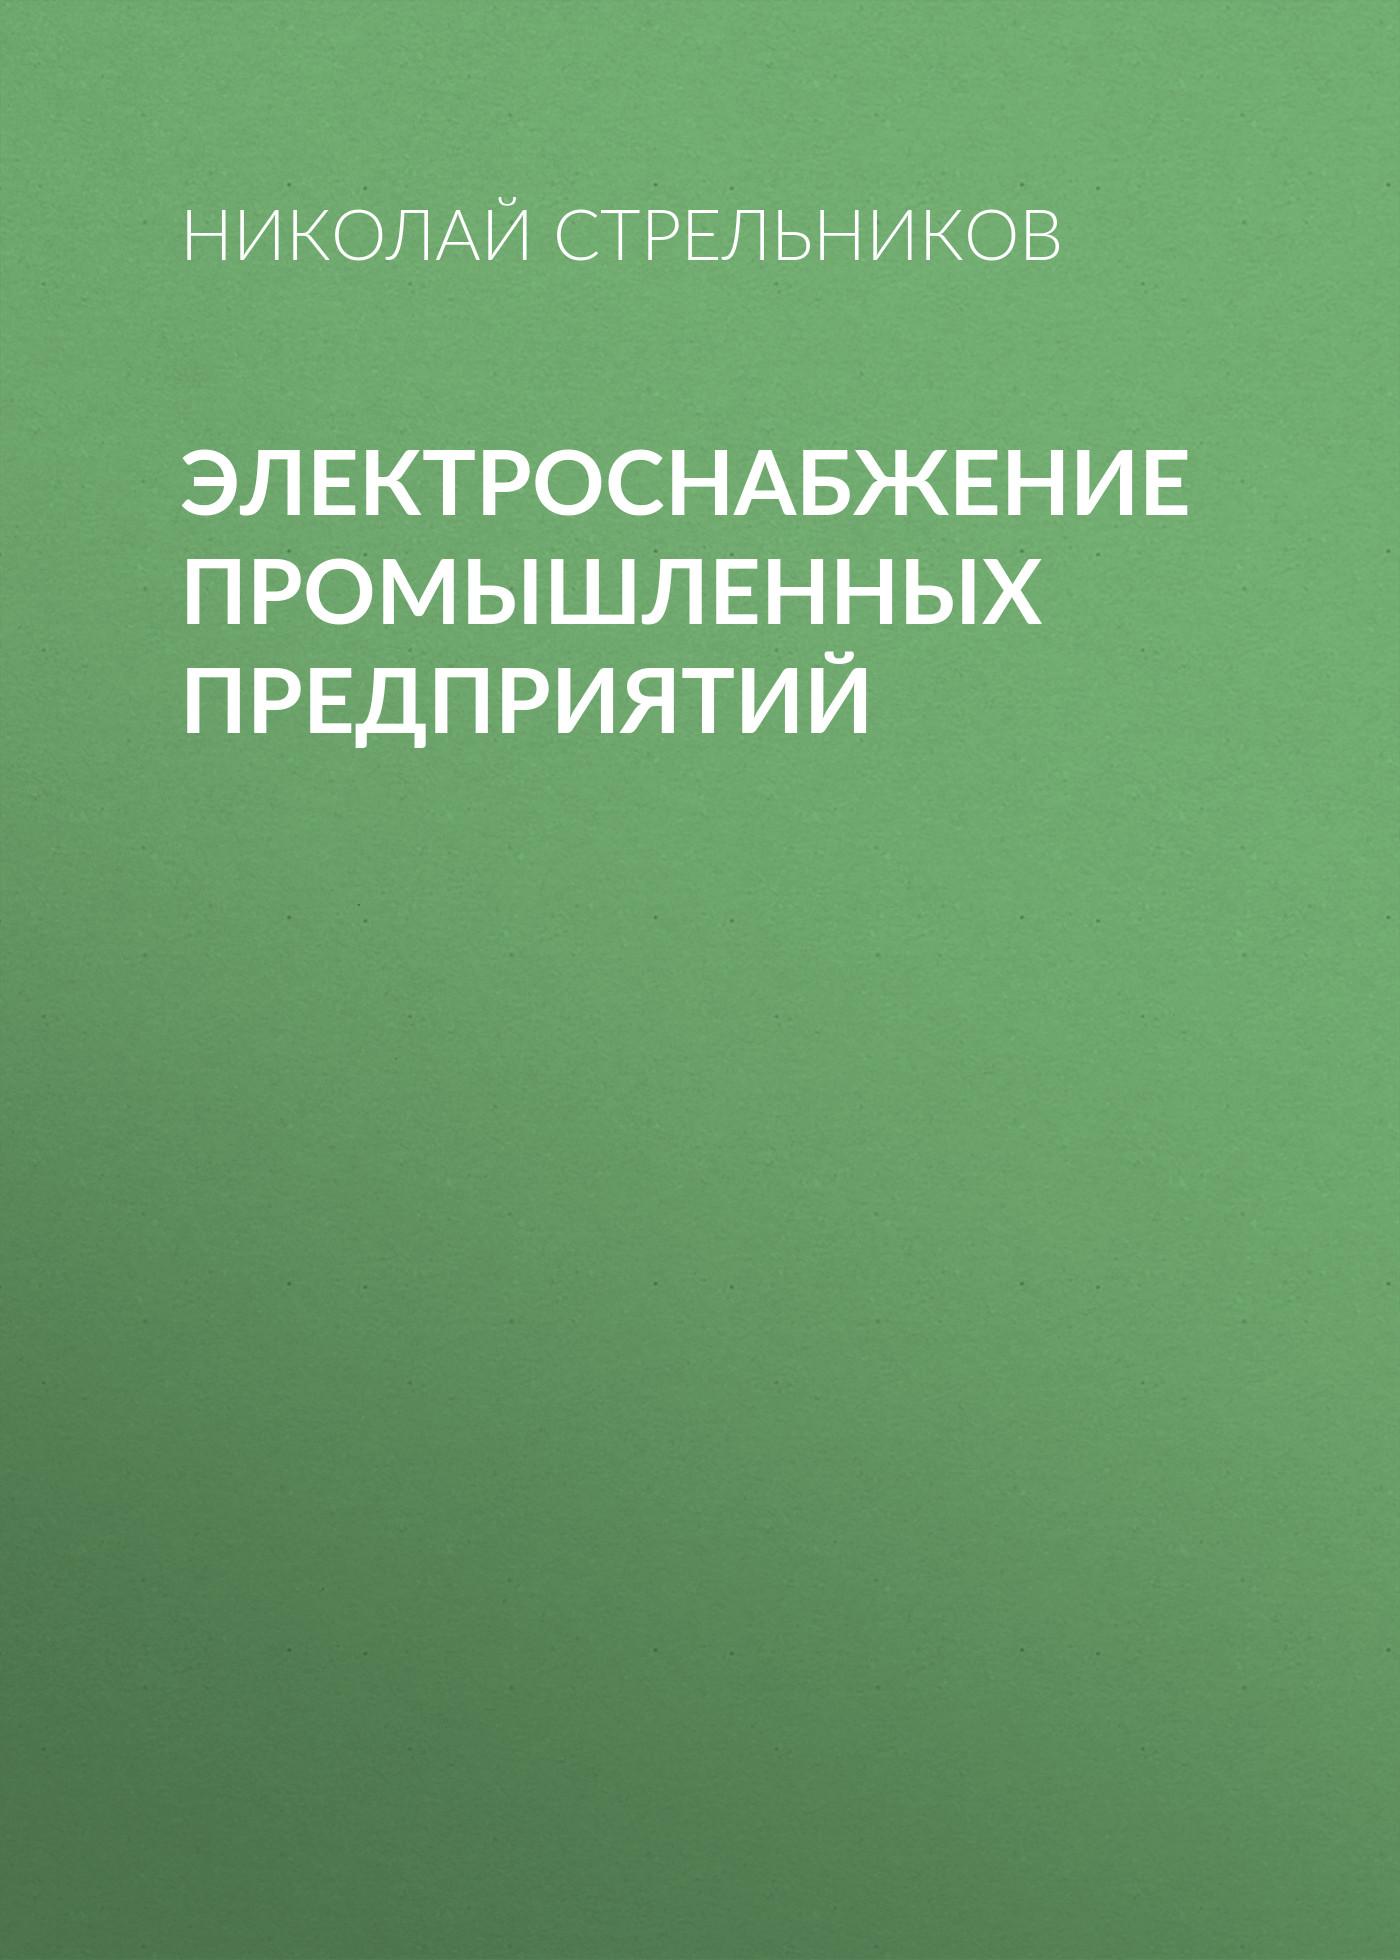 Николай Стрельников Электроснабжение промышленных предприятий связь на промышленных предприятиях